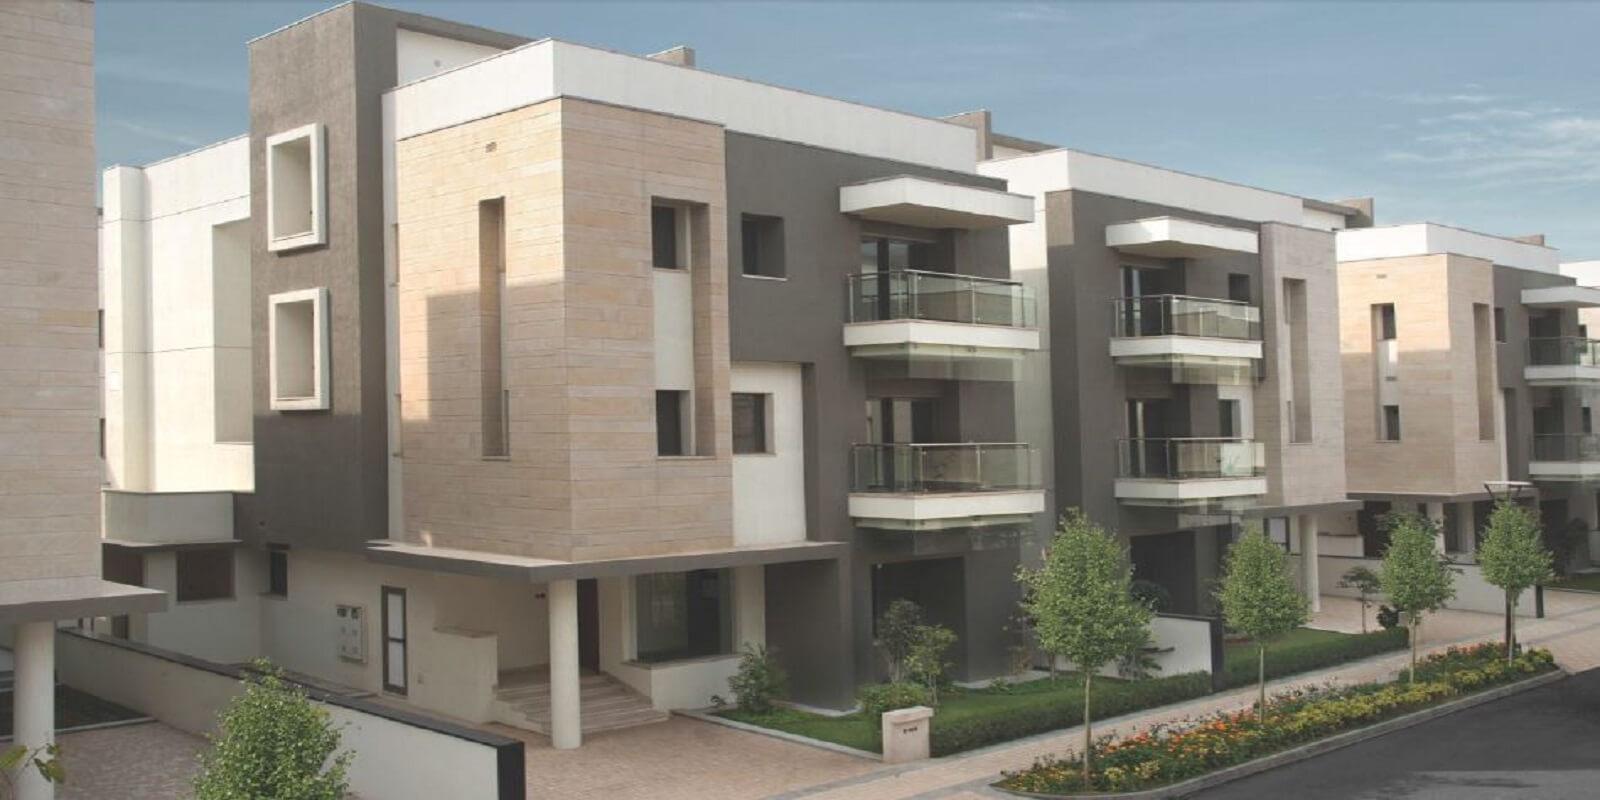 sobha international city phase 2 project large image1